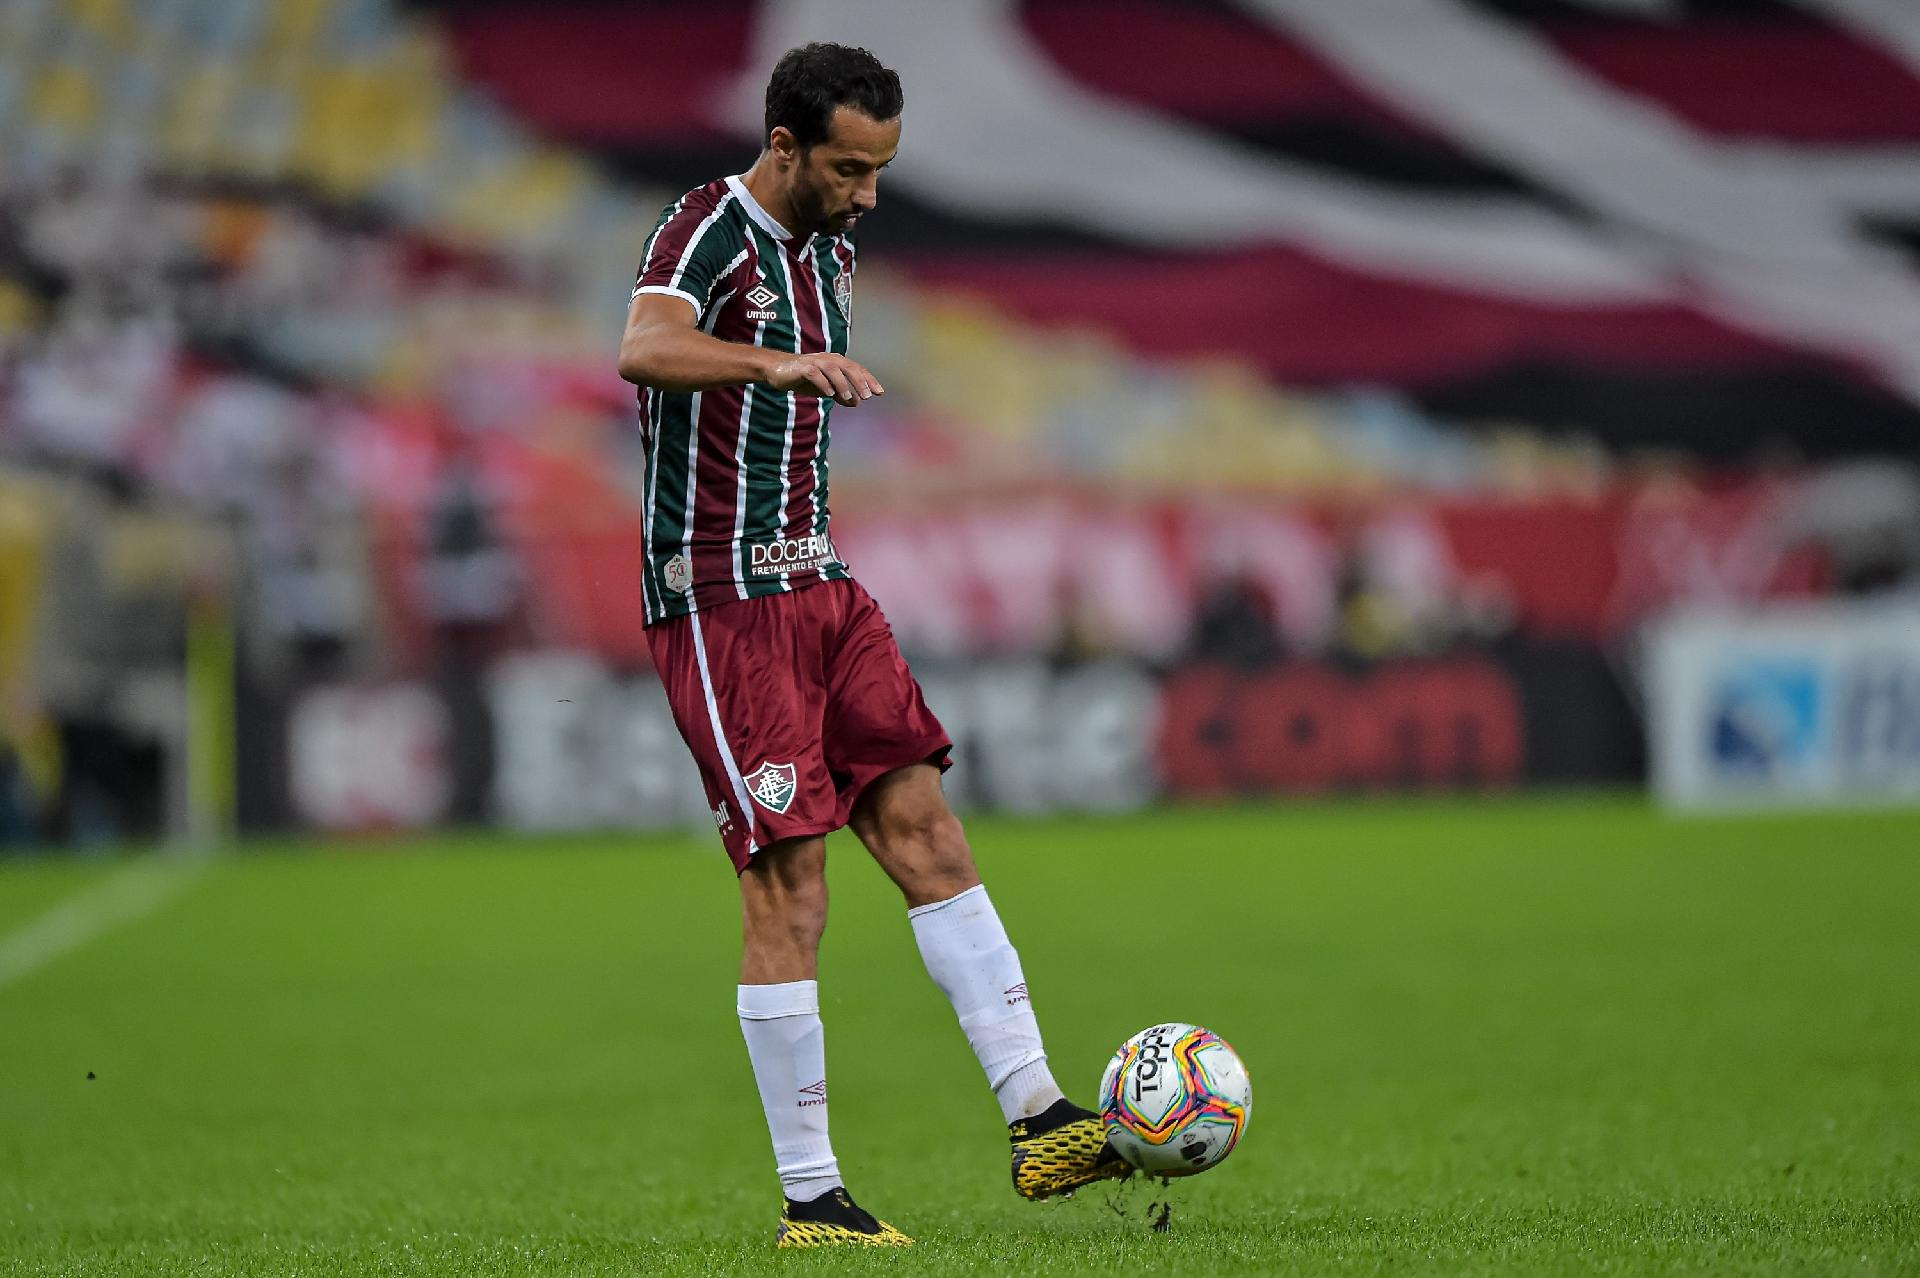 Nenê, jogador do Fluminense, em ação na final do Carioca 2020 contra o Flamengo